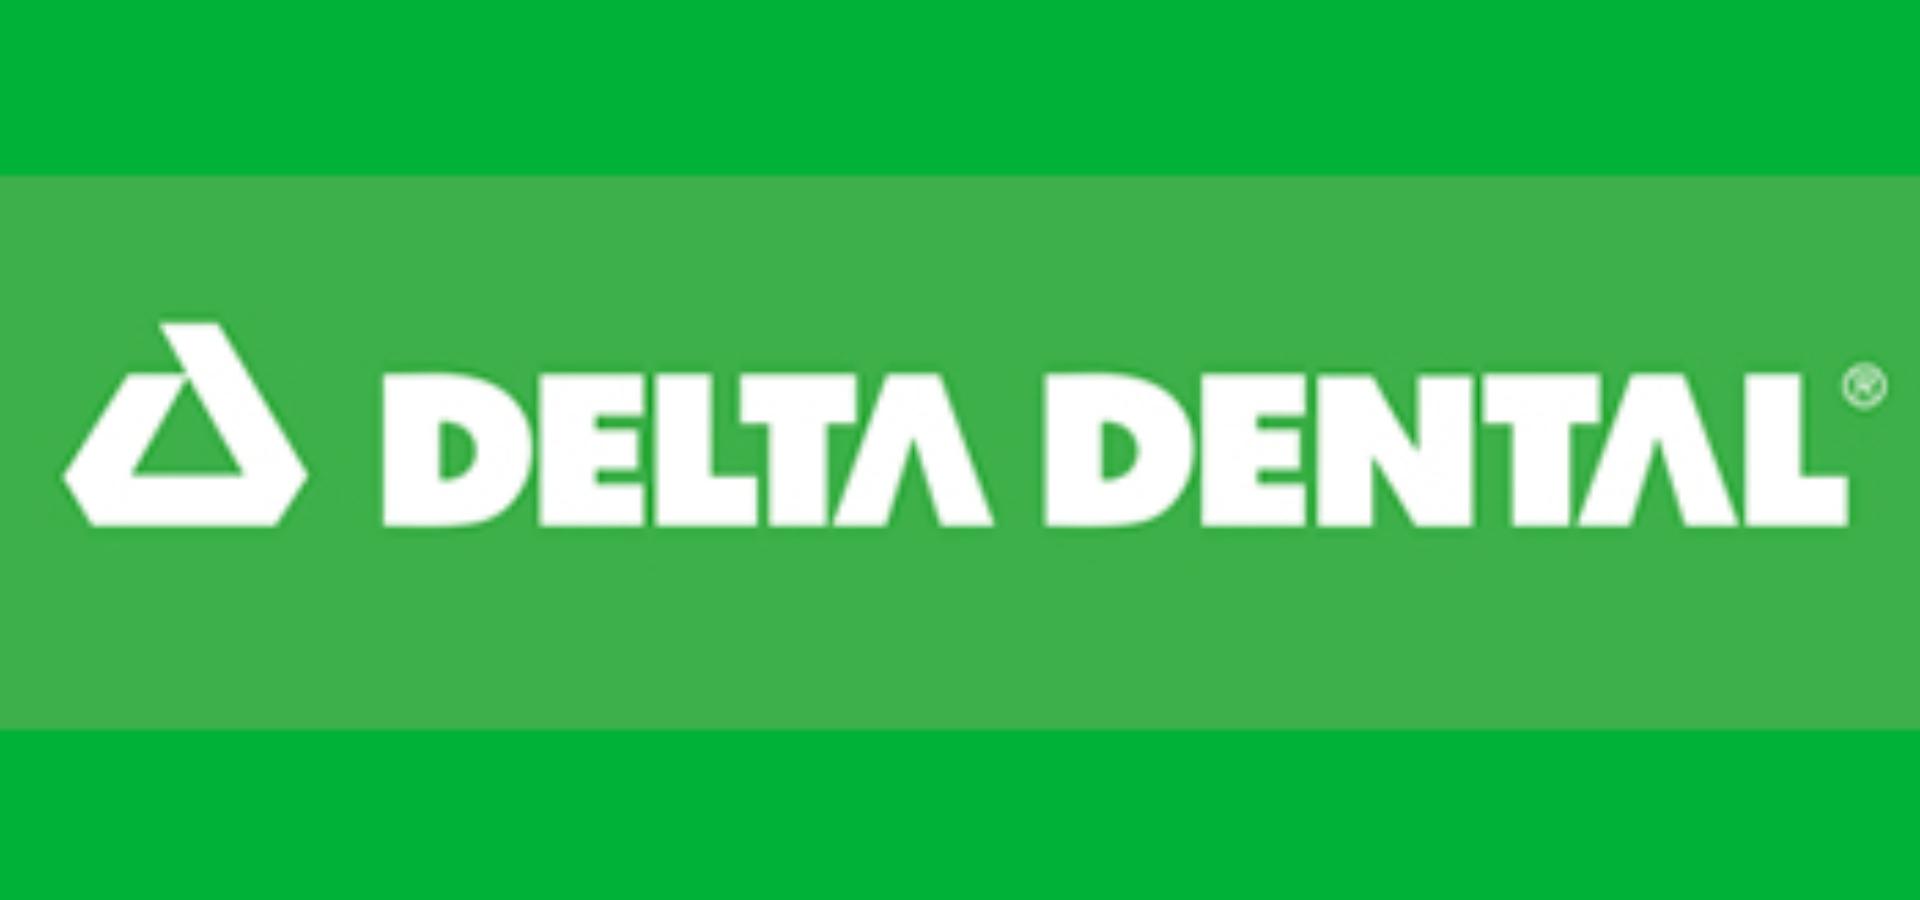 deltadental-slider